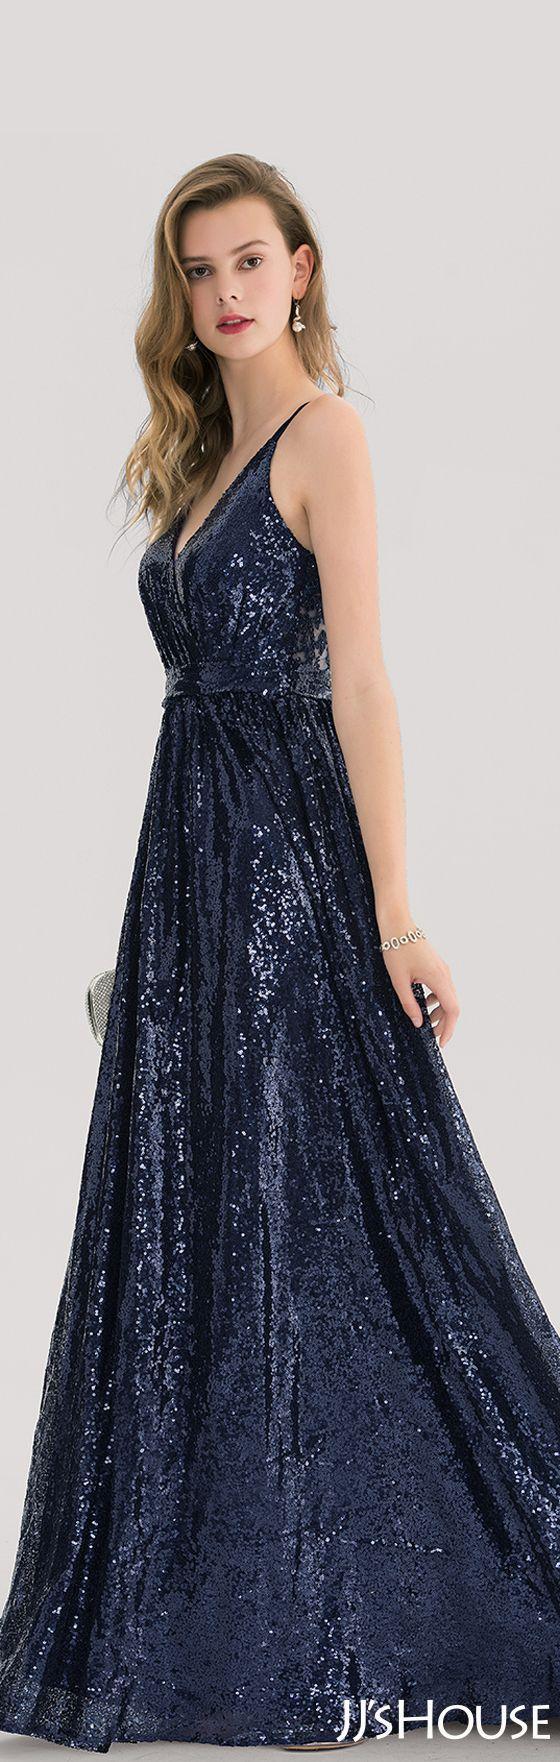 512 besten JJ\'s House Prom Dresses Bilder auf Pinterest